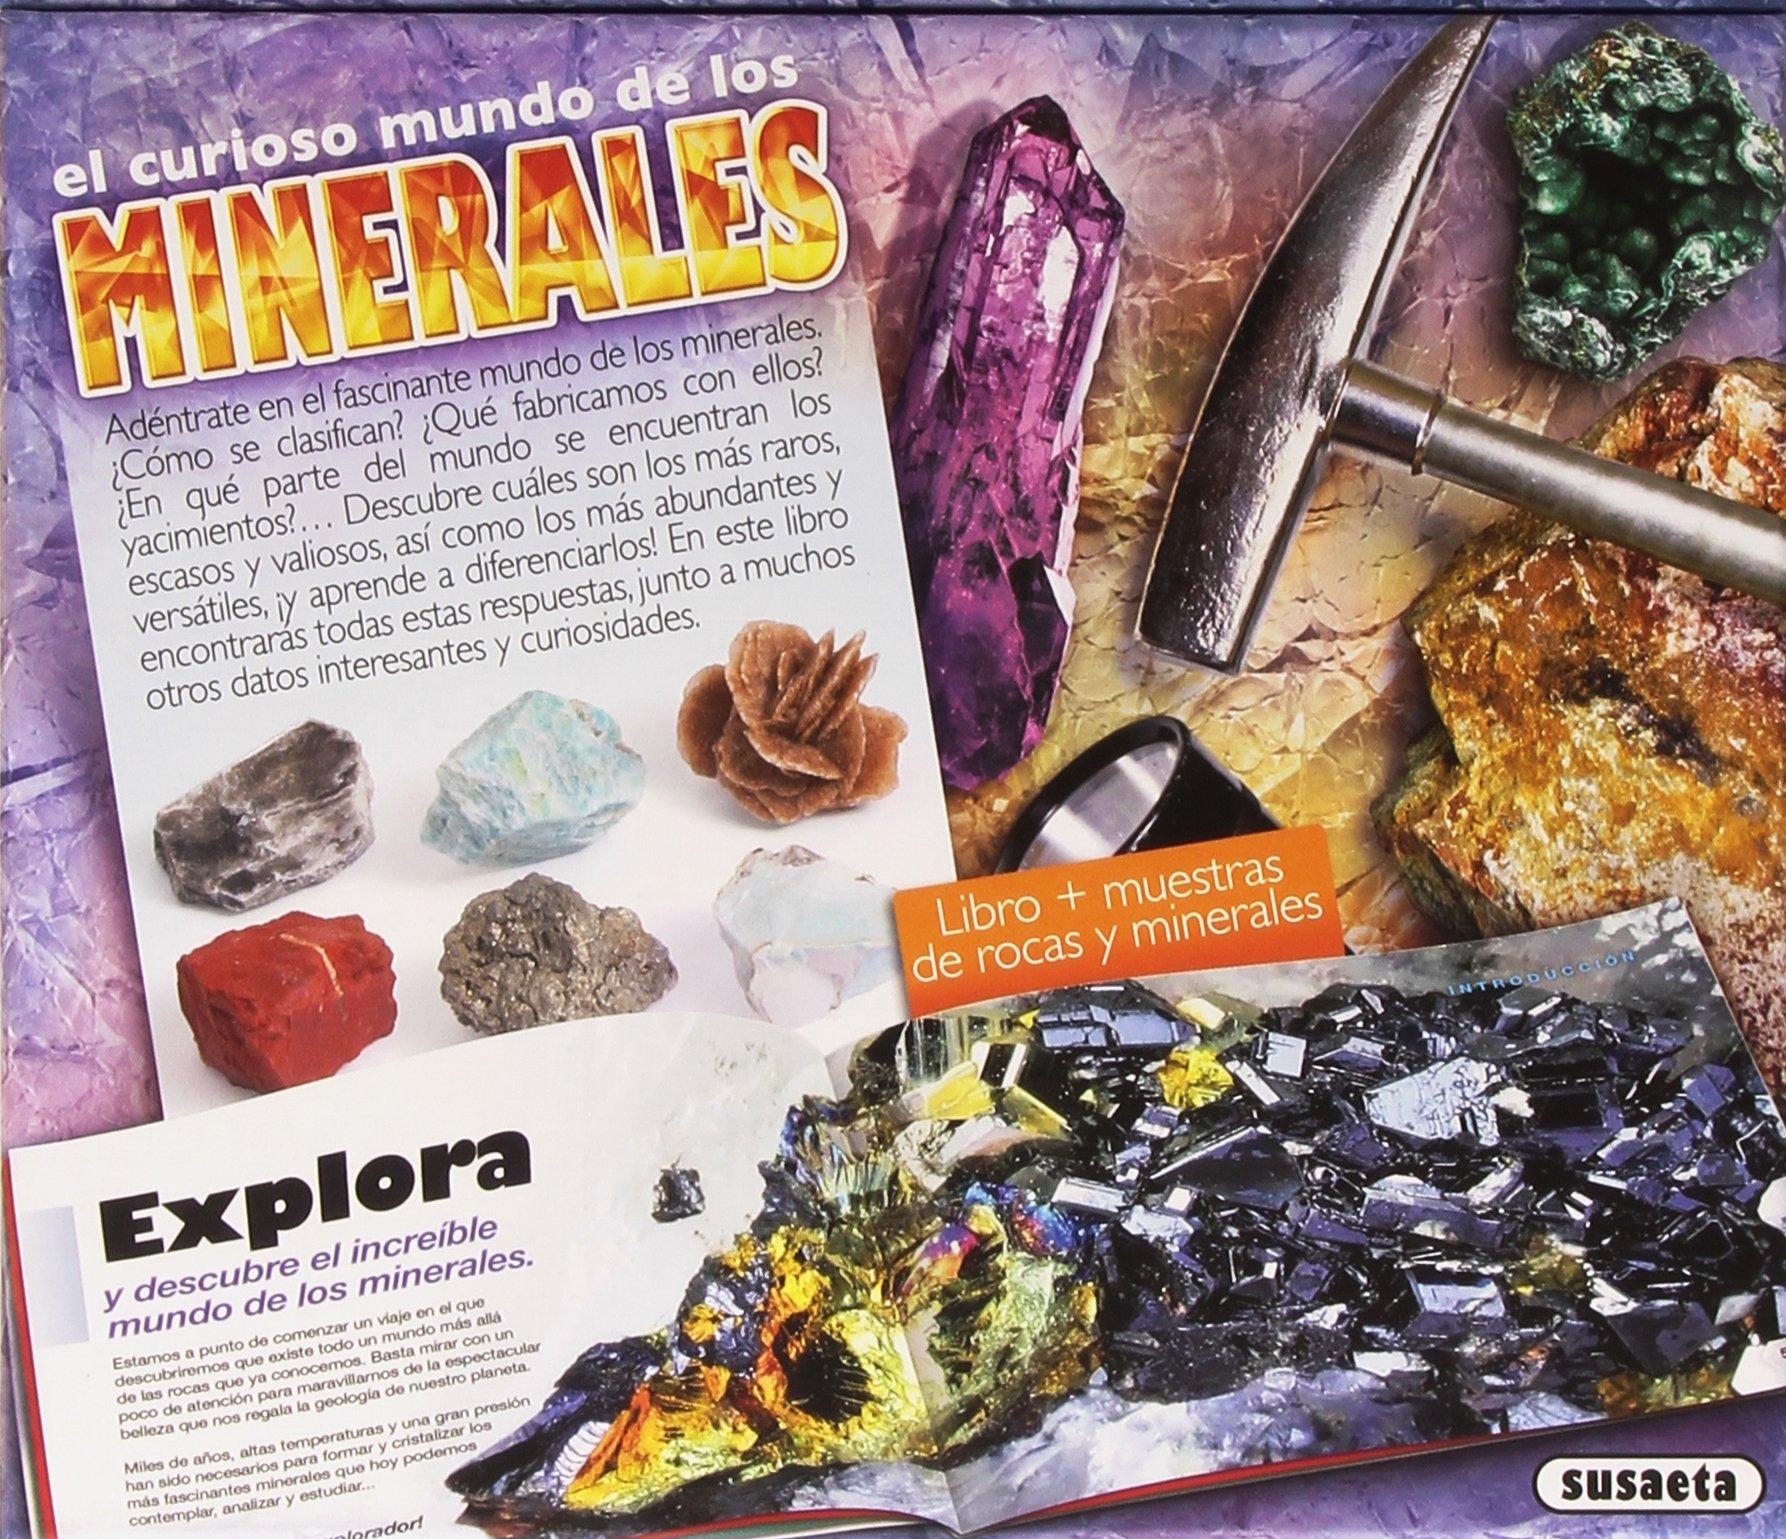 El curioso mundo de los minerales (Joven explorador): Amazon.es: Uriel, Roberto, Cuenca, Rocío, Uriel, Roberto, Cuenca, Rocío: Libros